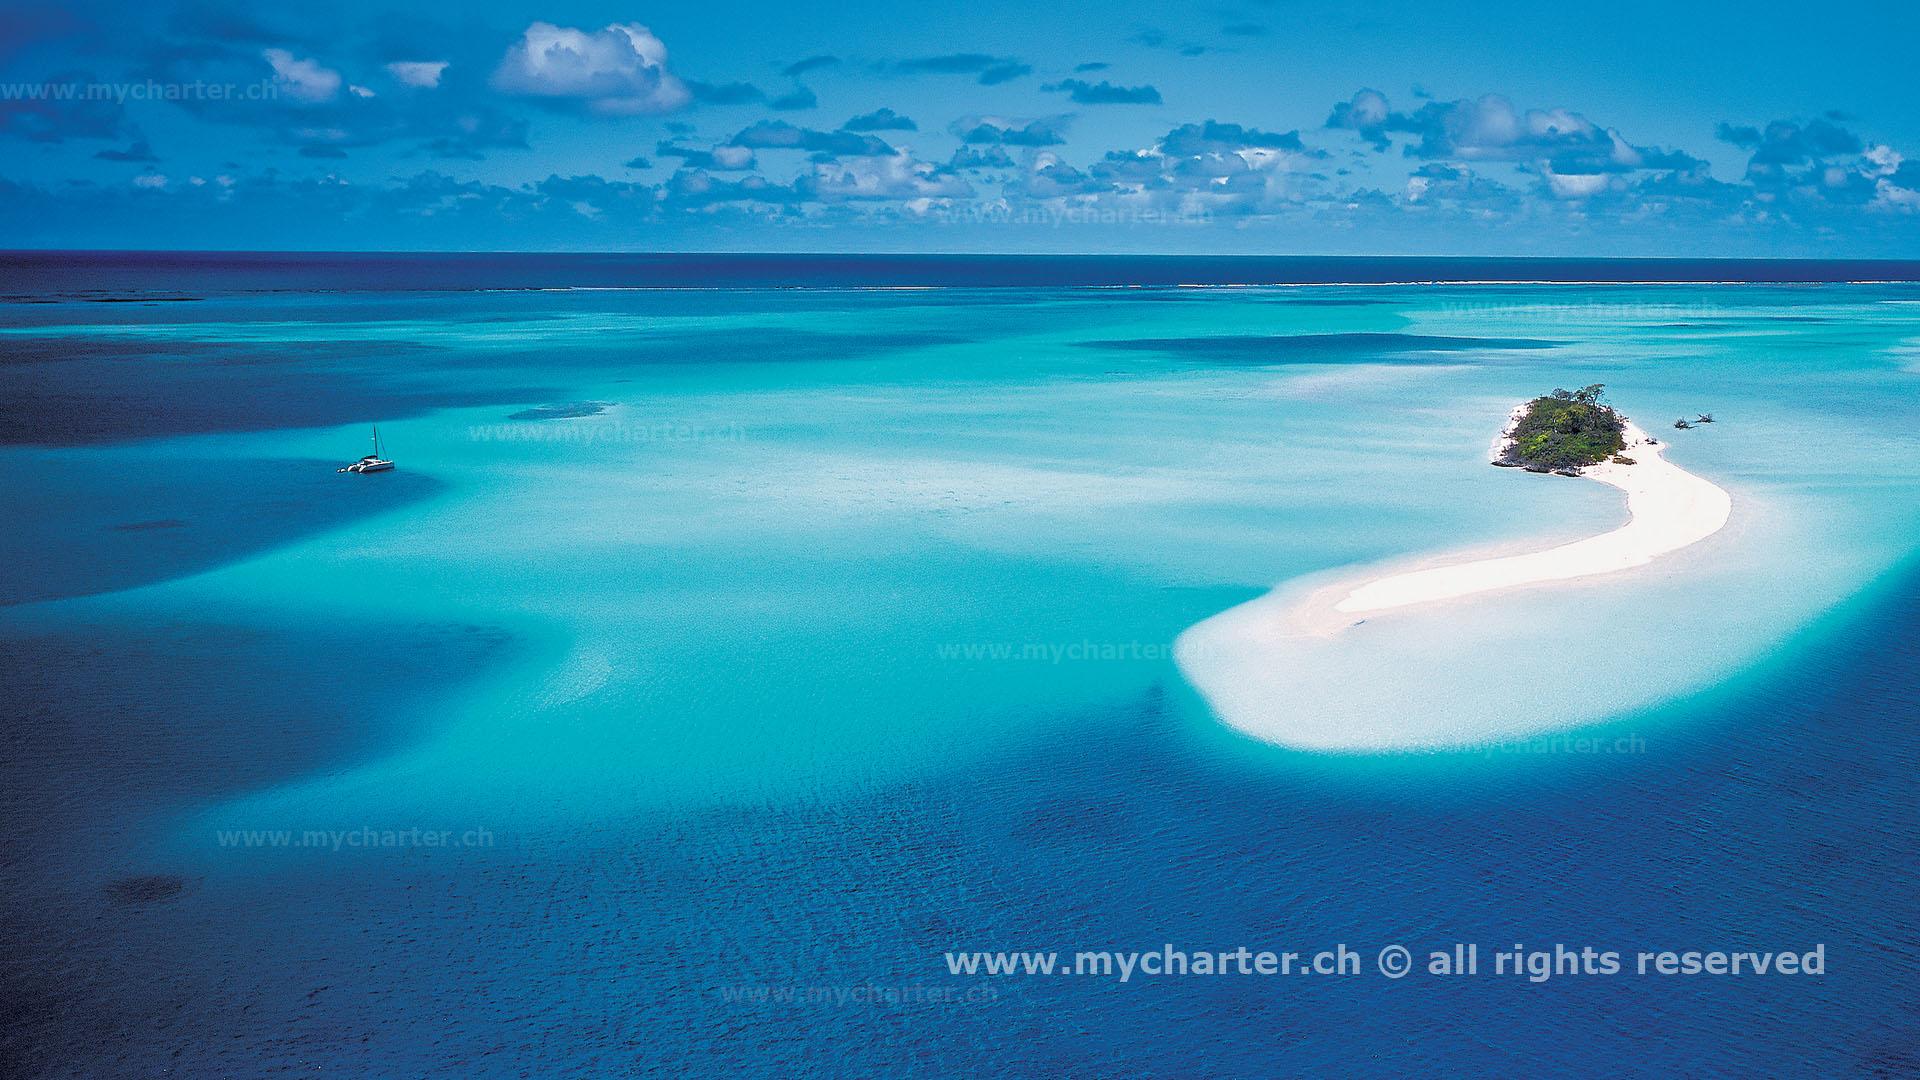 Yachtcharter Südesee - Neukaledonien - Ile Nokanhoui